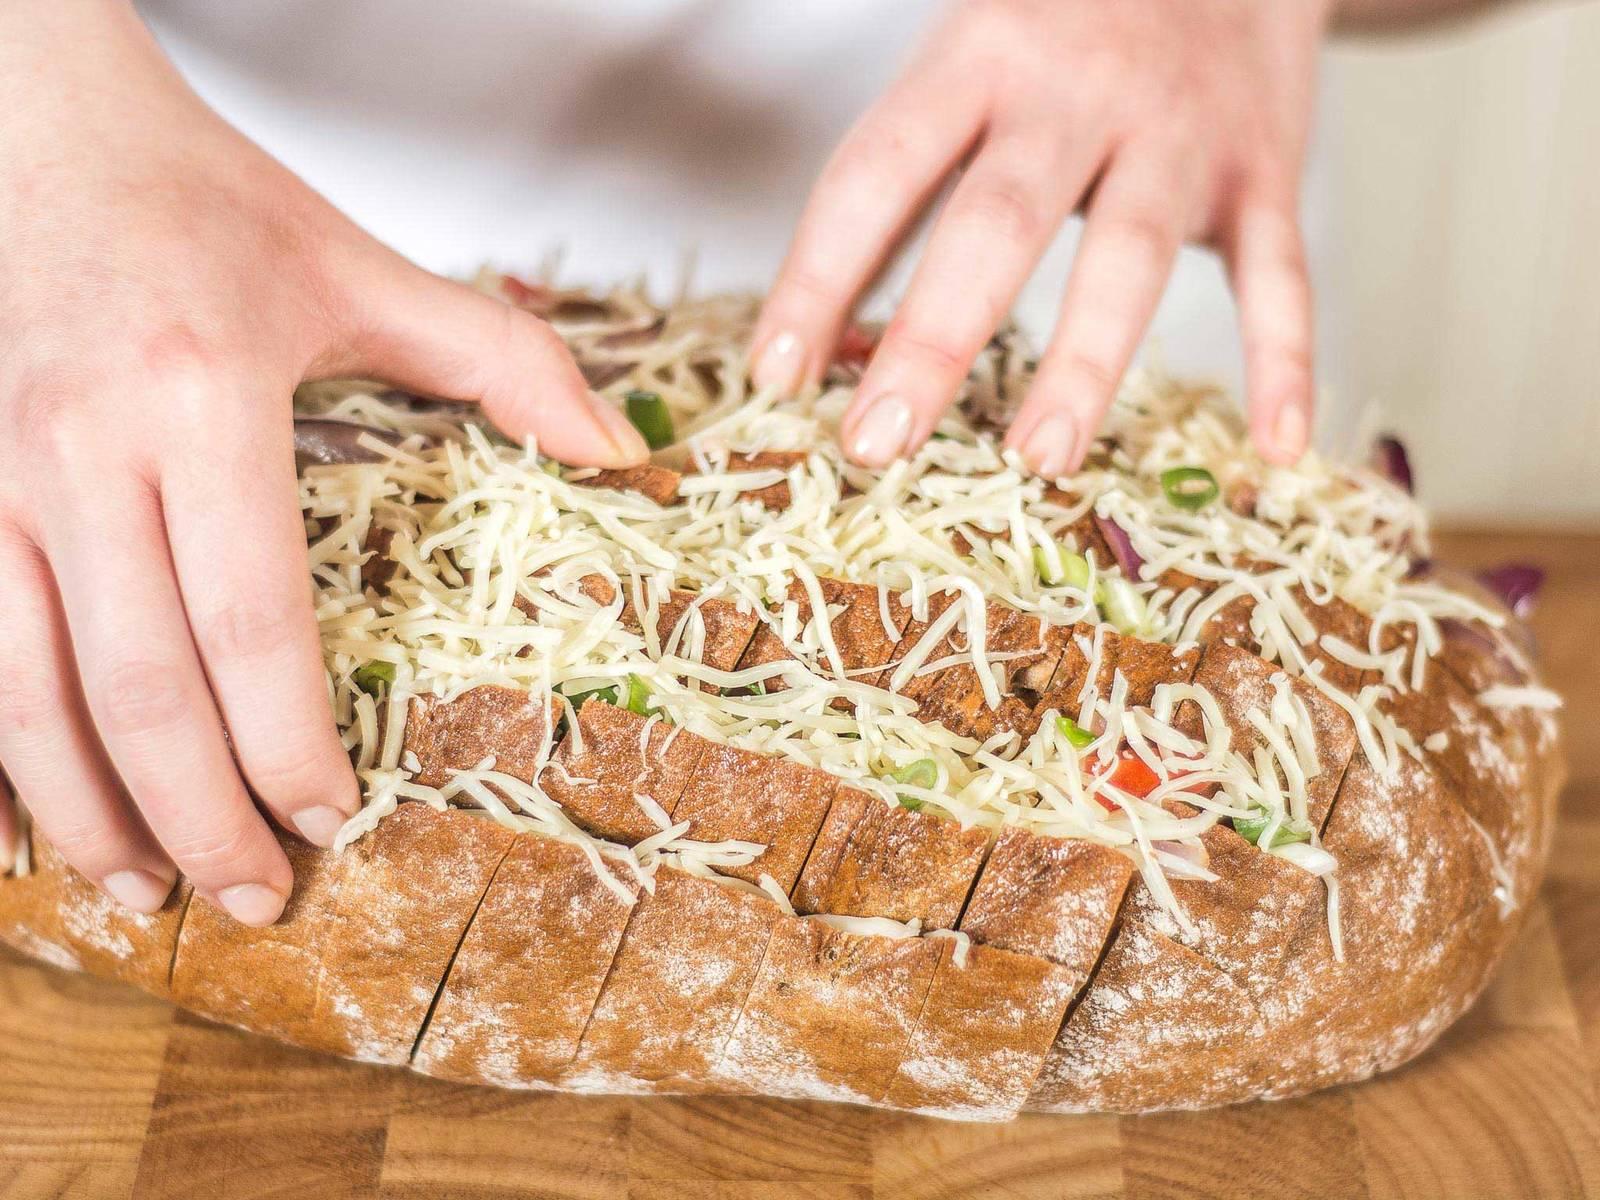 将煸炒过的培根、洋葱、番茄、小葱和乳酪填入面包。尽量塞入缝隙深处。